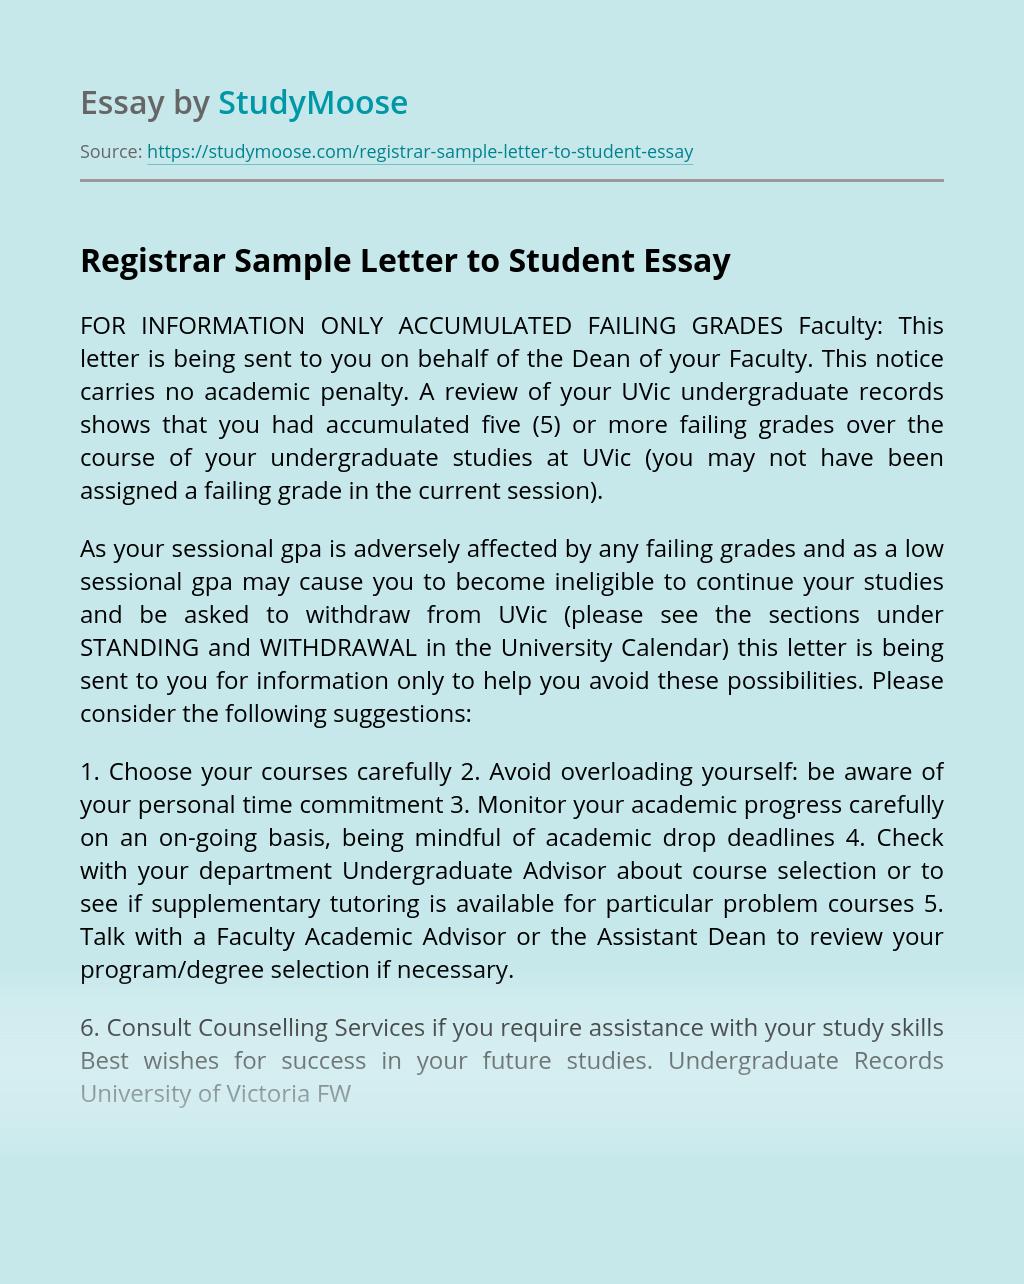 Registrar Sample Letter to Student